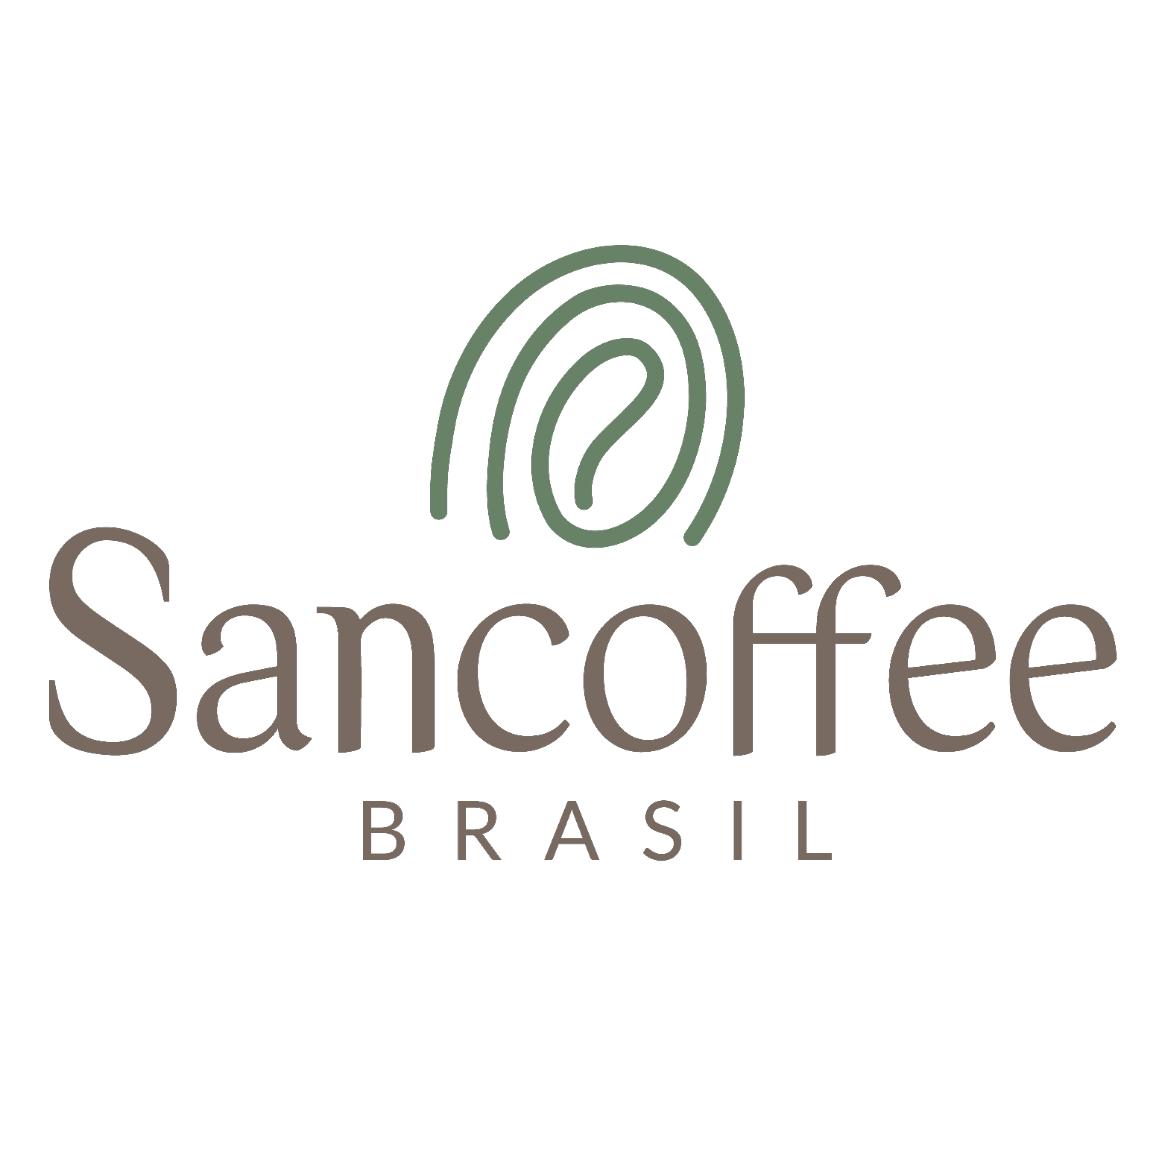 ブラジルのコーヒー協同組合:サンコーヒー(サント・アントニオ・エステート・コーヒー)